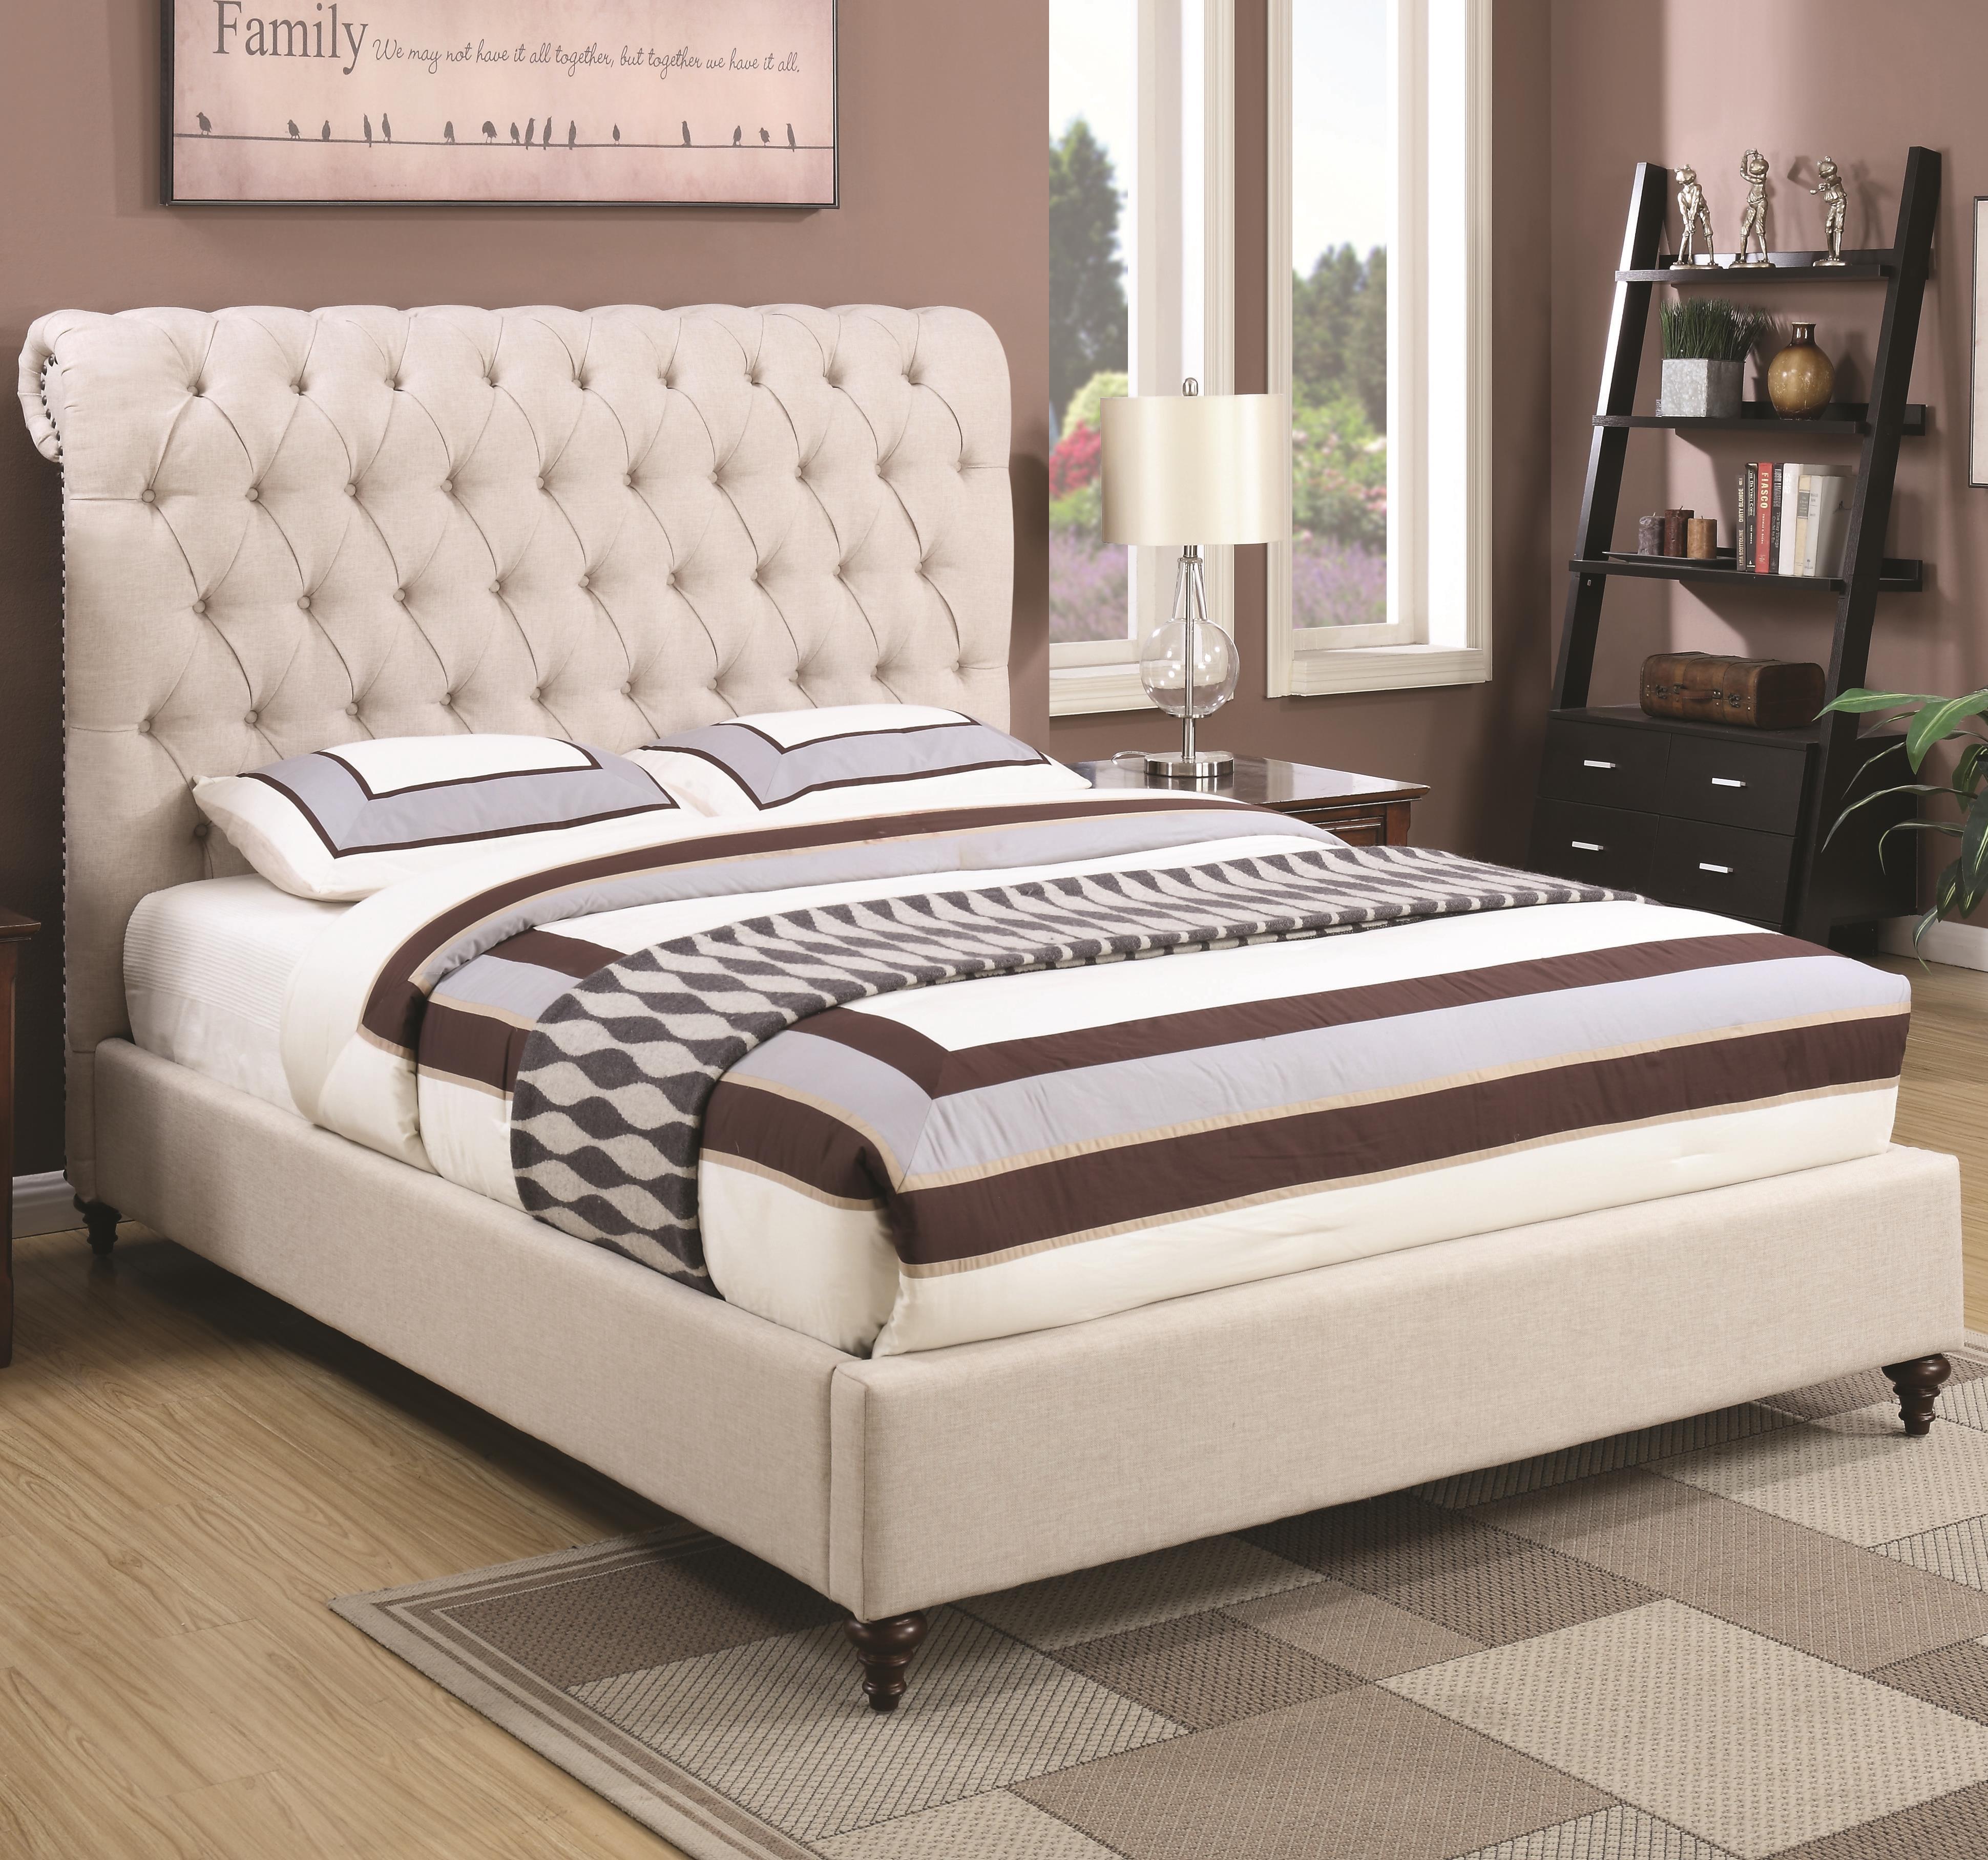 Coaster Devon King Upholstered Bed - Item Number: 300525KE